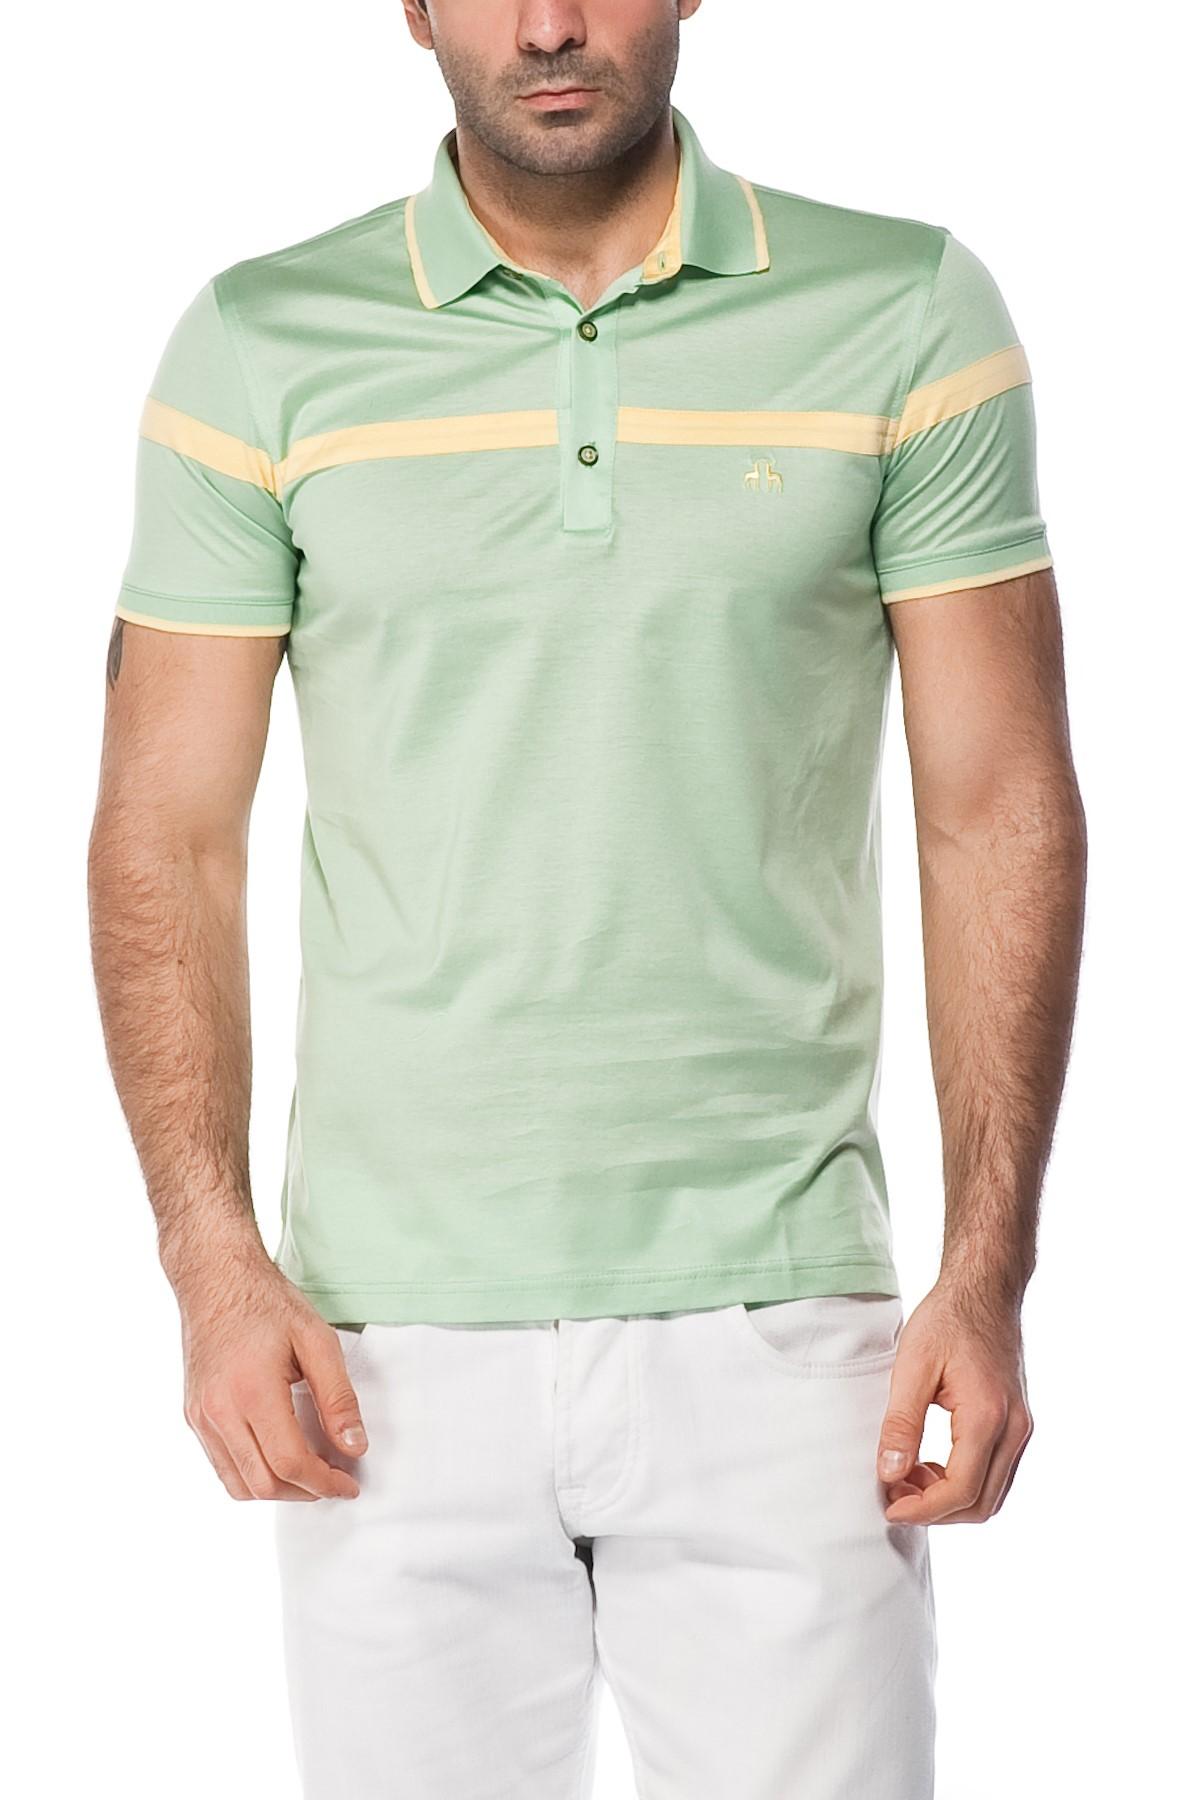 Karaca Fıstık Yeşili Erkek T-Shirt - 113206006 1